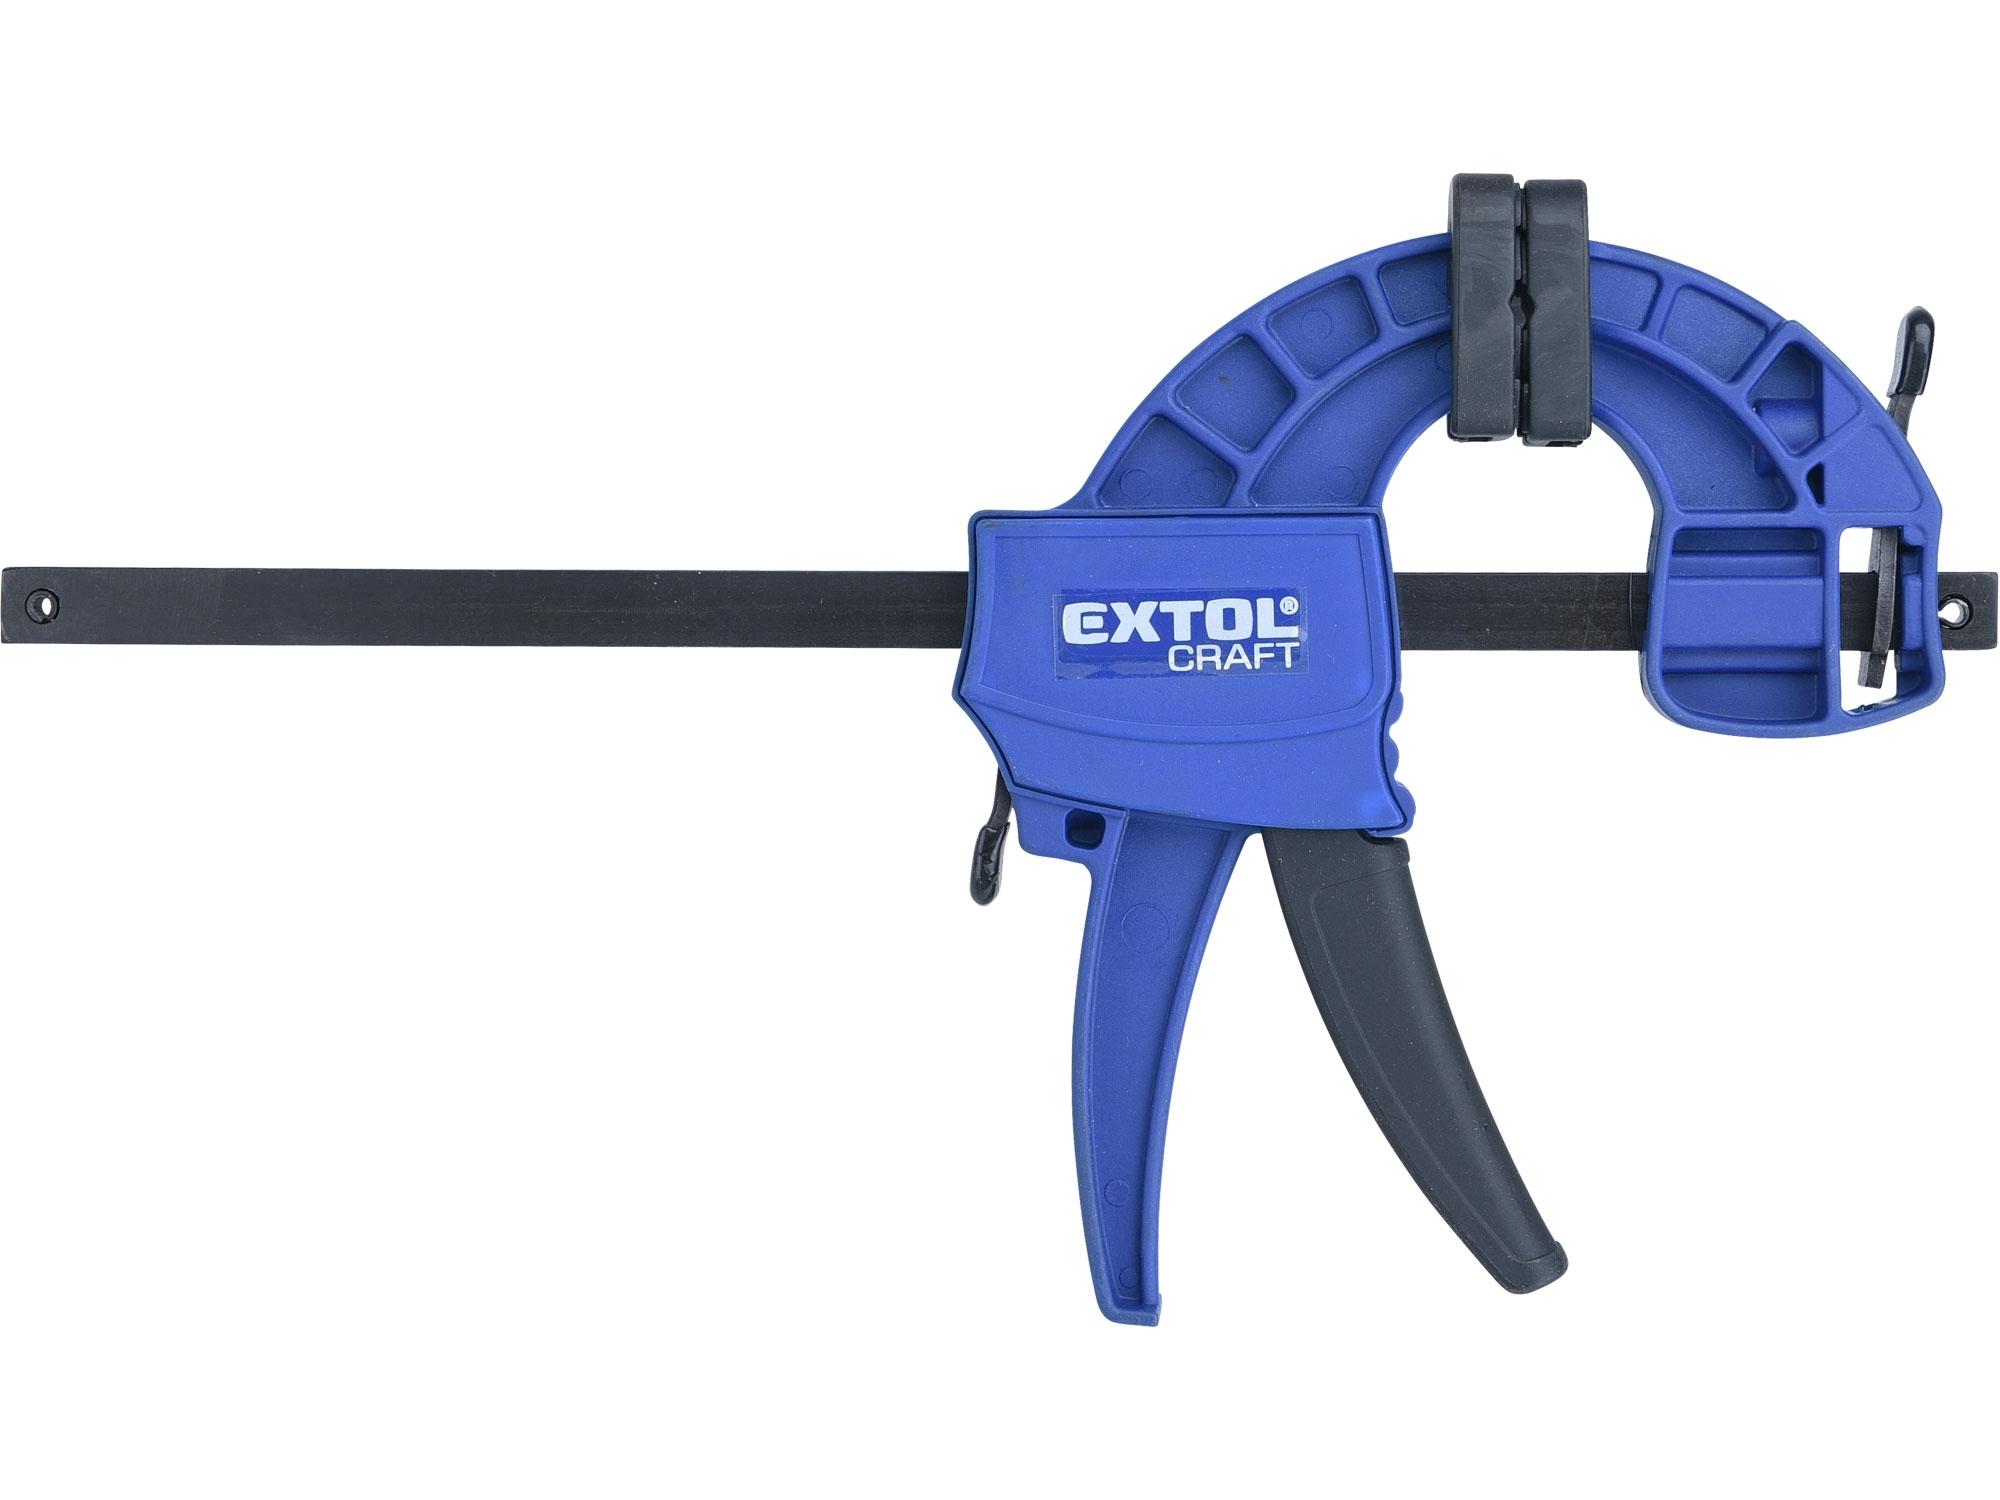 svěrka rychloupínací, 150mm, 165-300mm, EXTOL CRAFT 715521